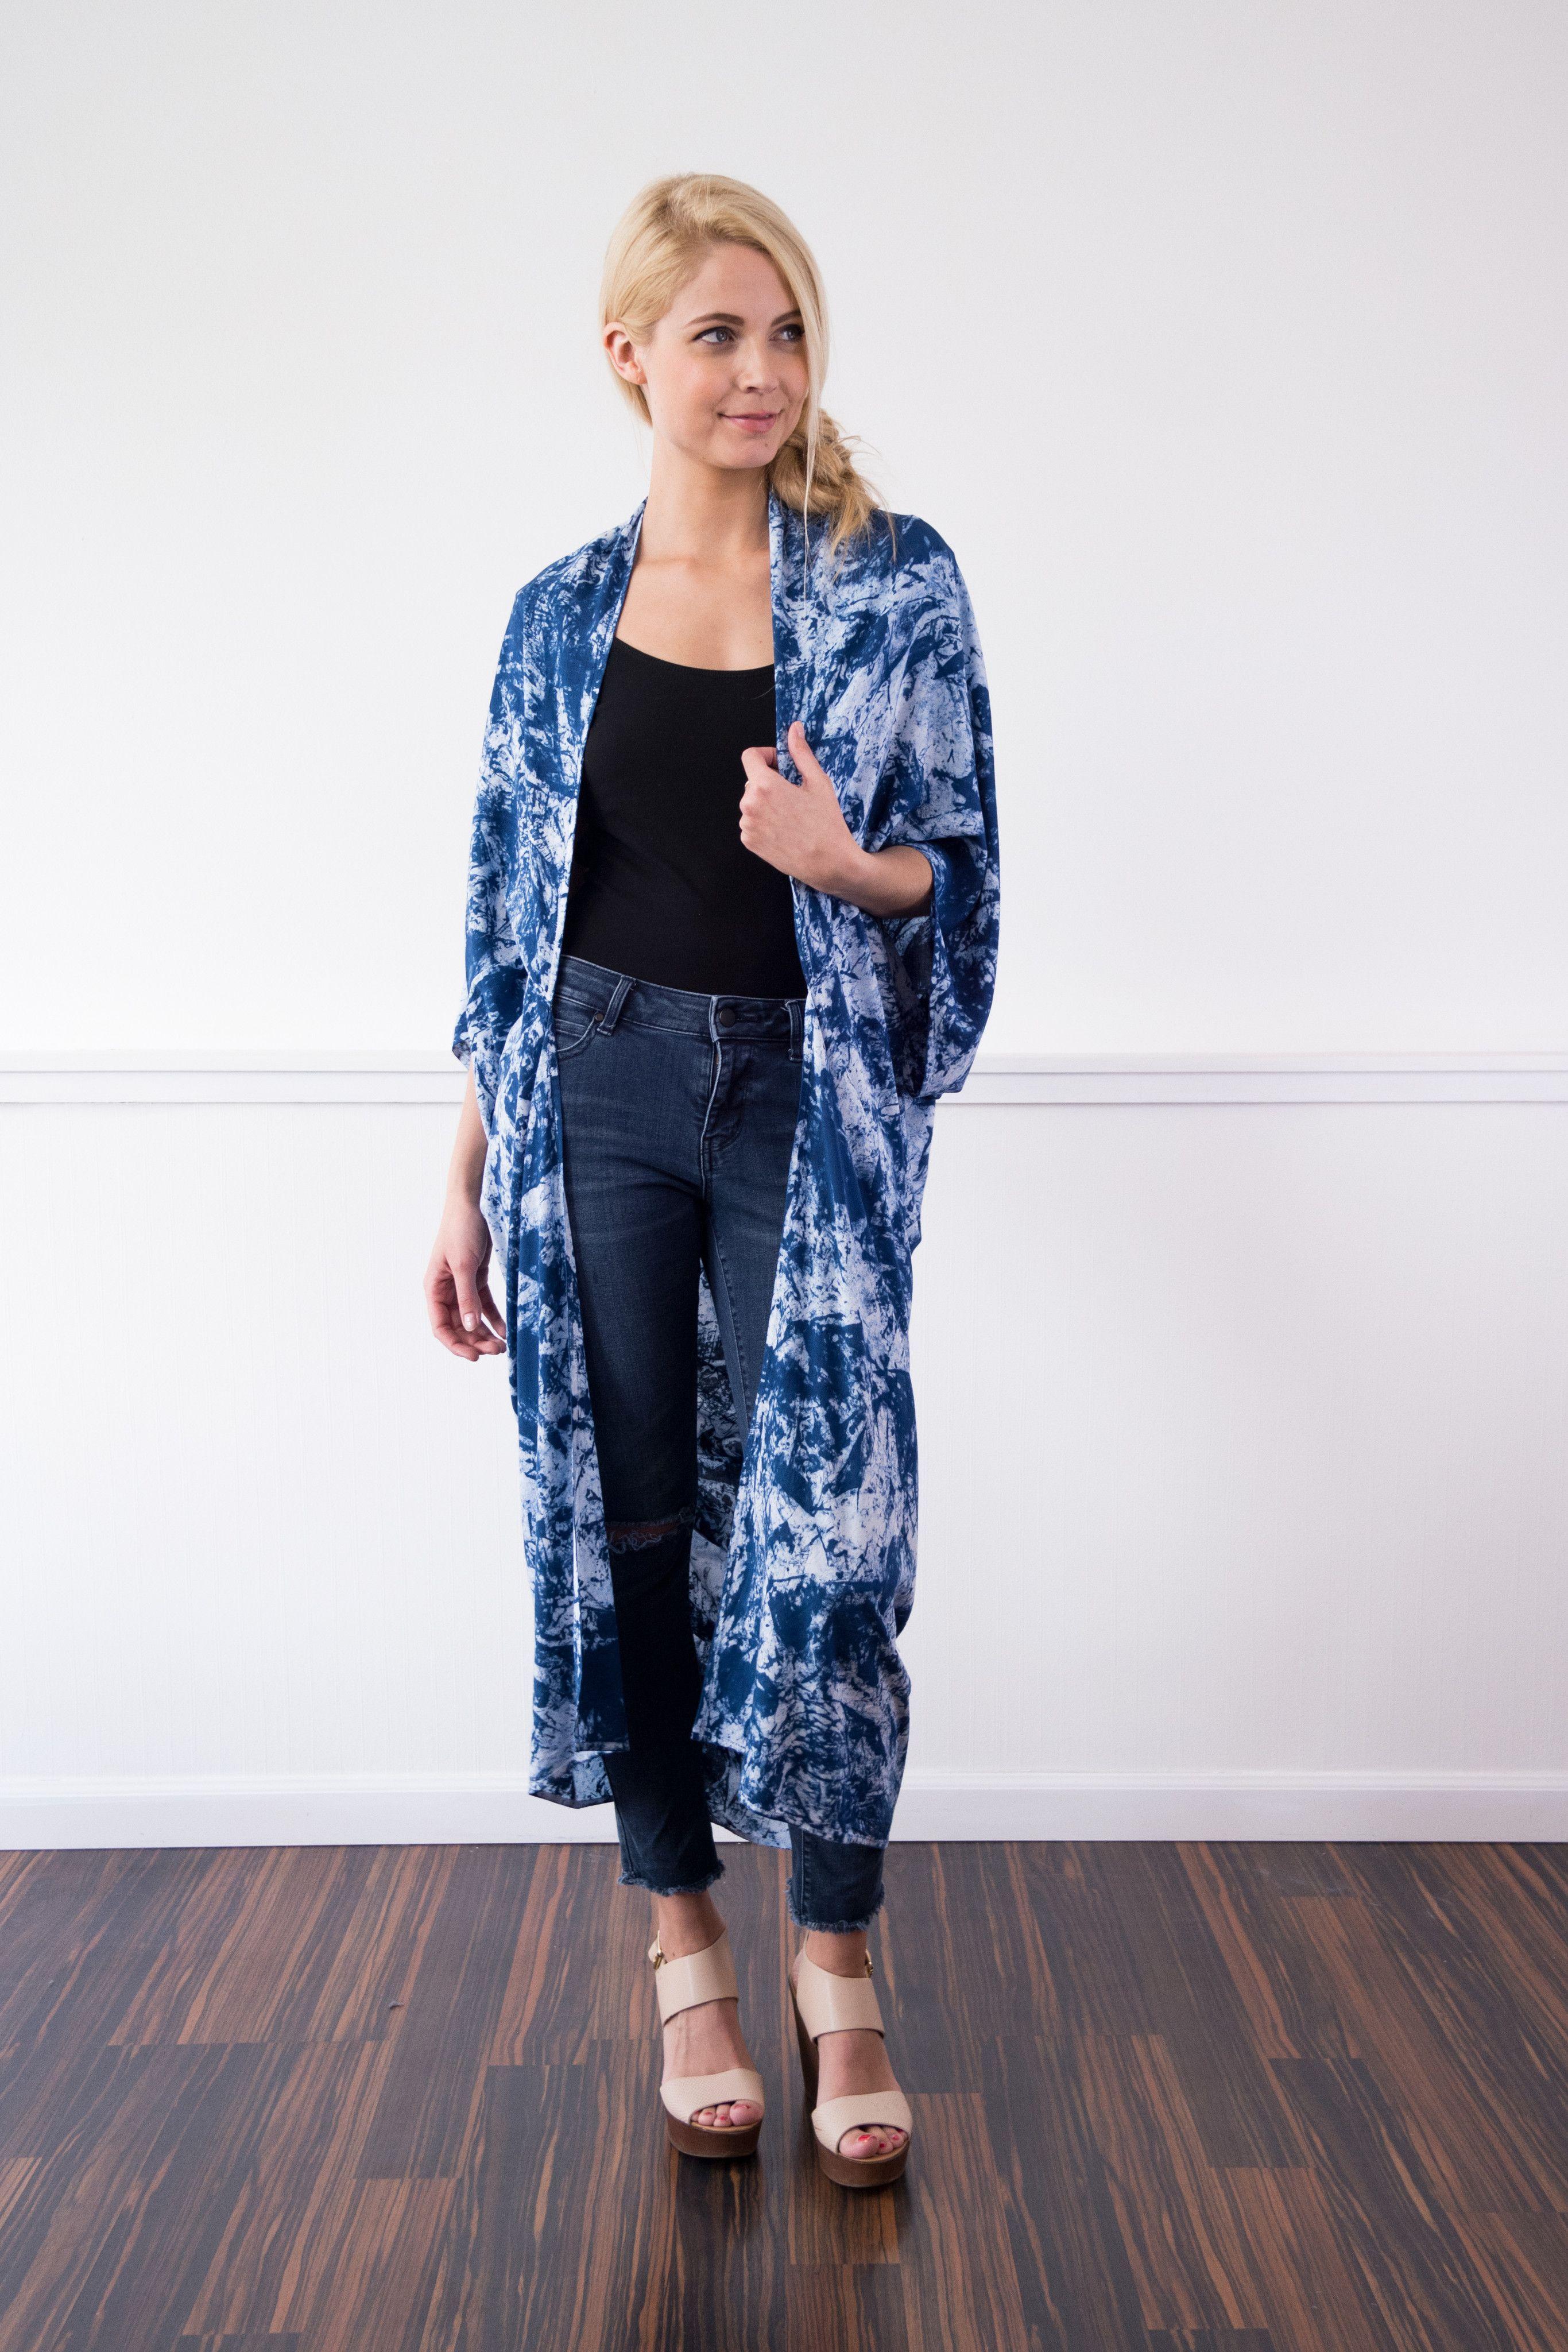 Handdyed robe long kimono acid wash indigo products pinterest